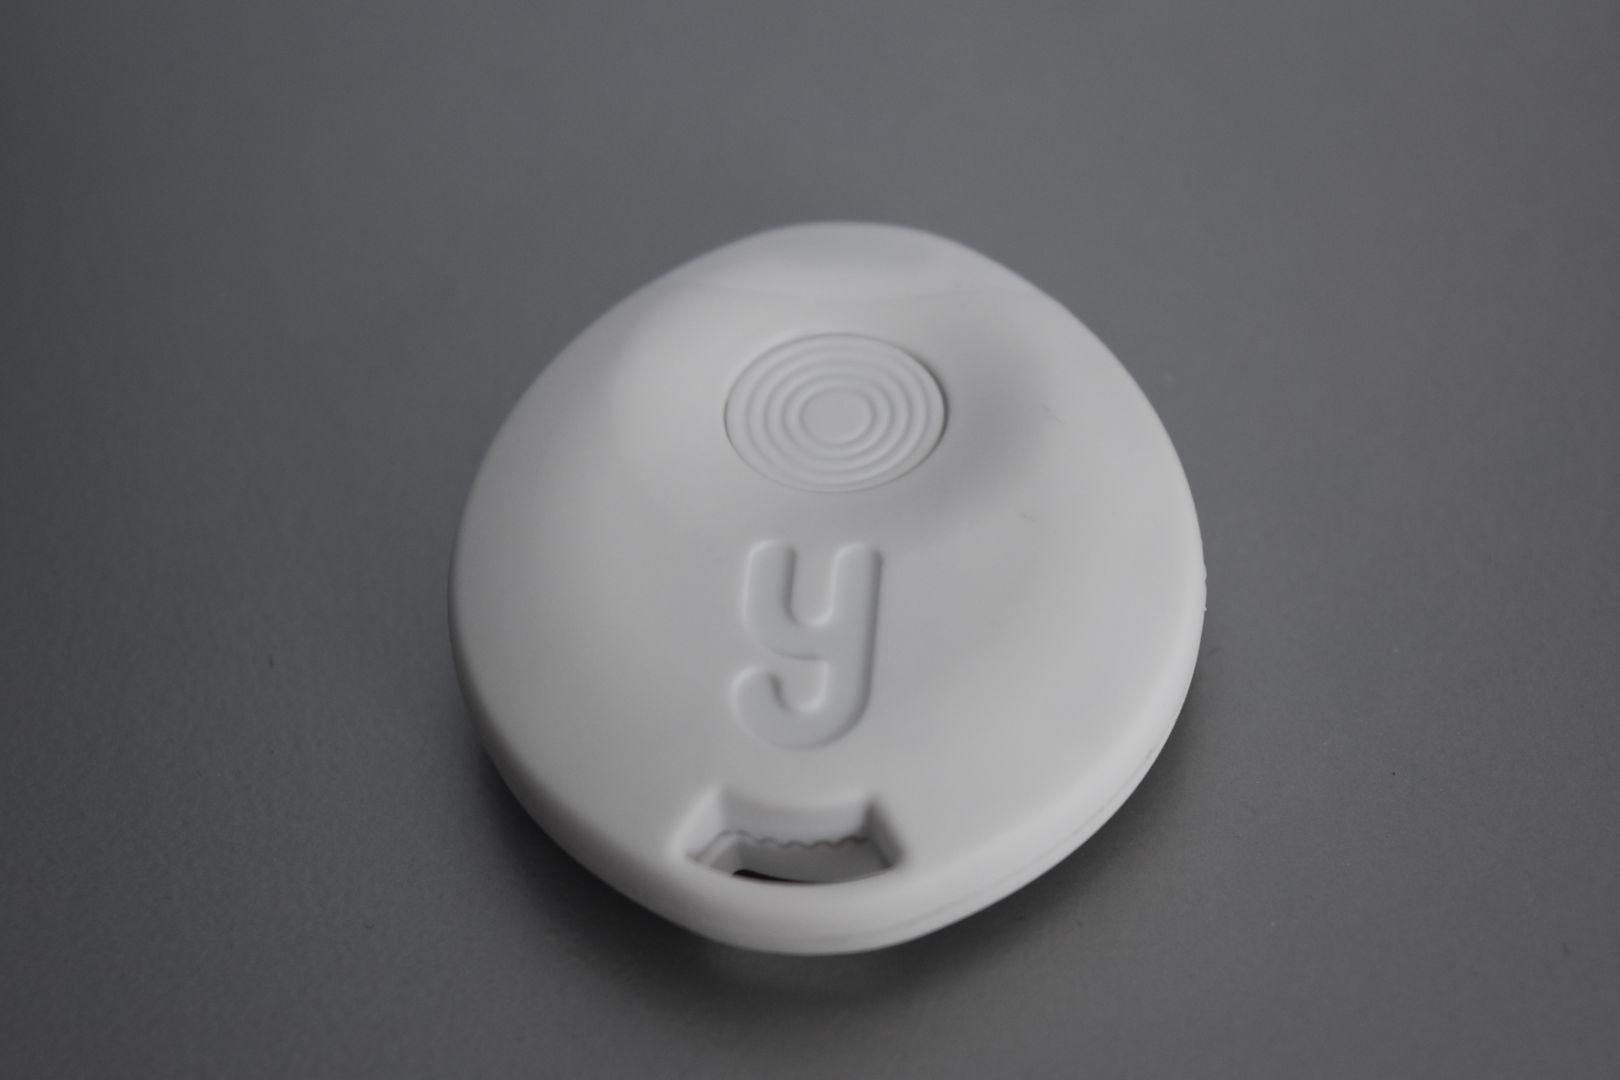 porte-clés connecté